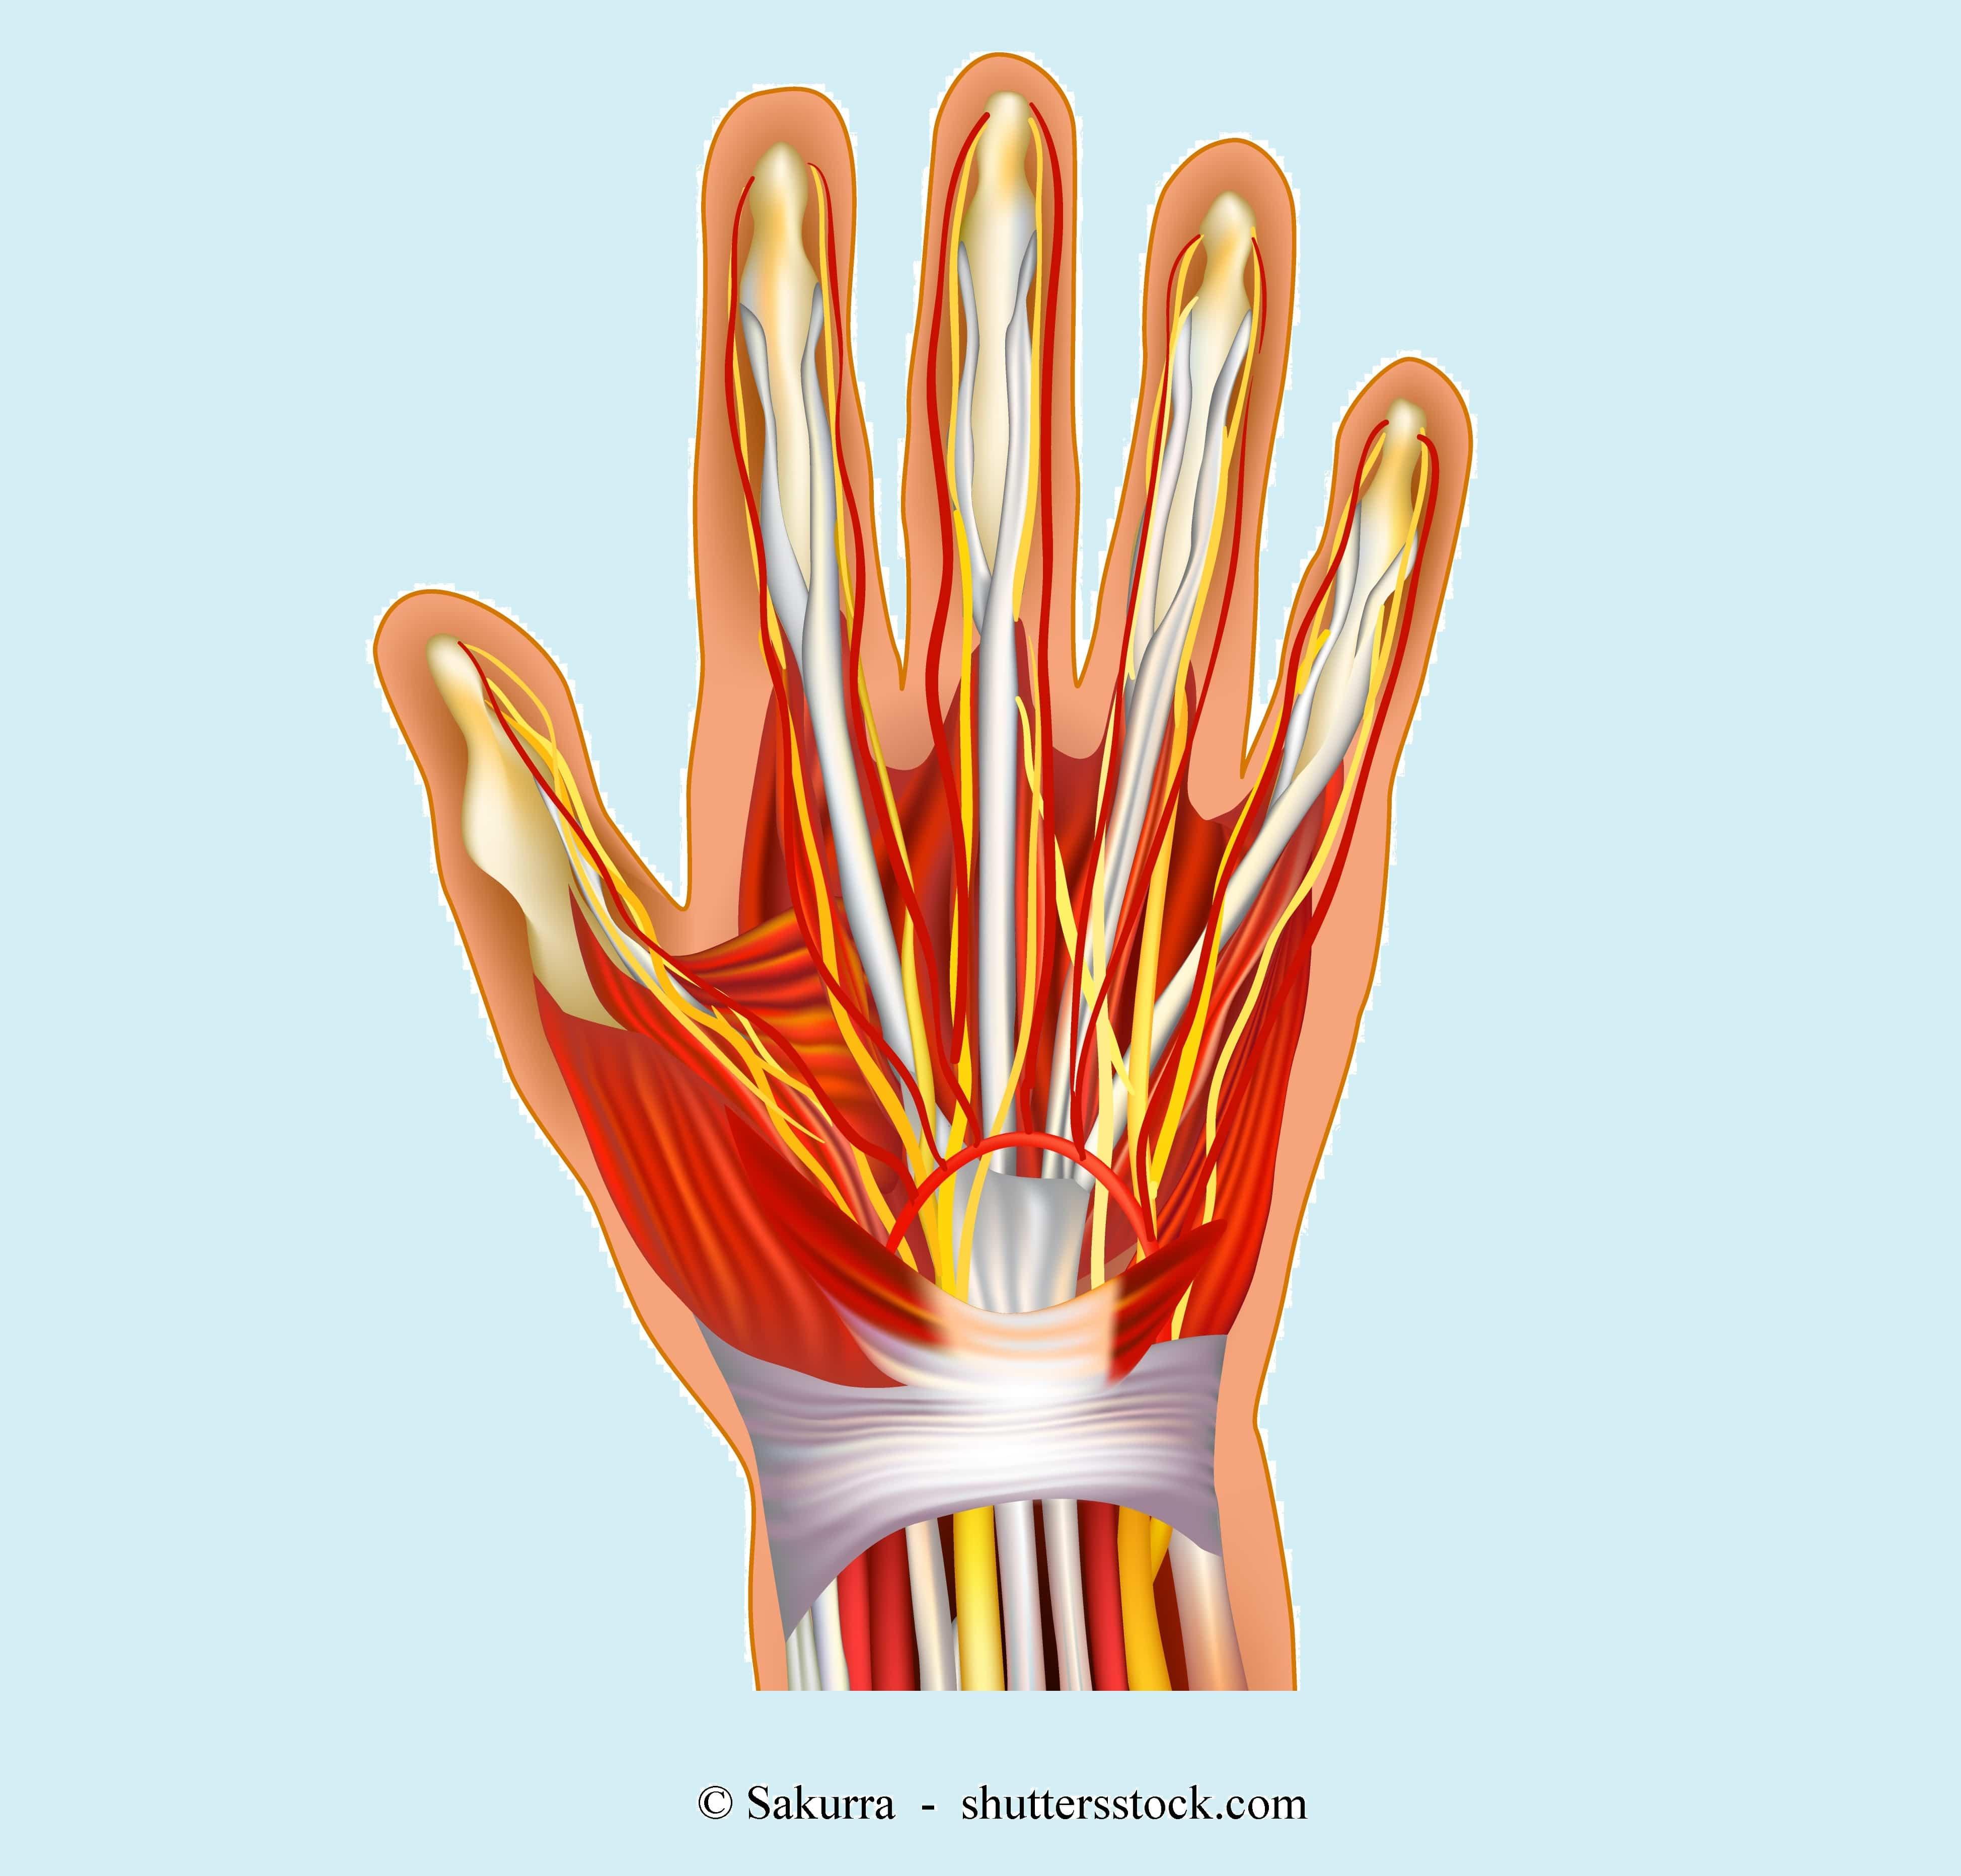 Taube Finger Taube Hände Karpaltunnelsyndrom Rechte Linke Nacht